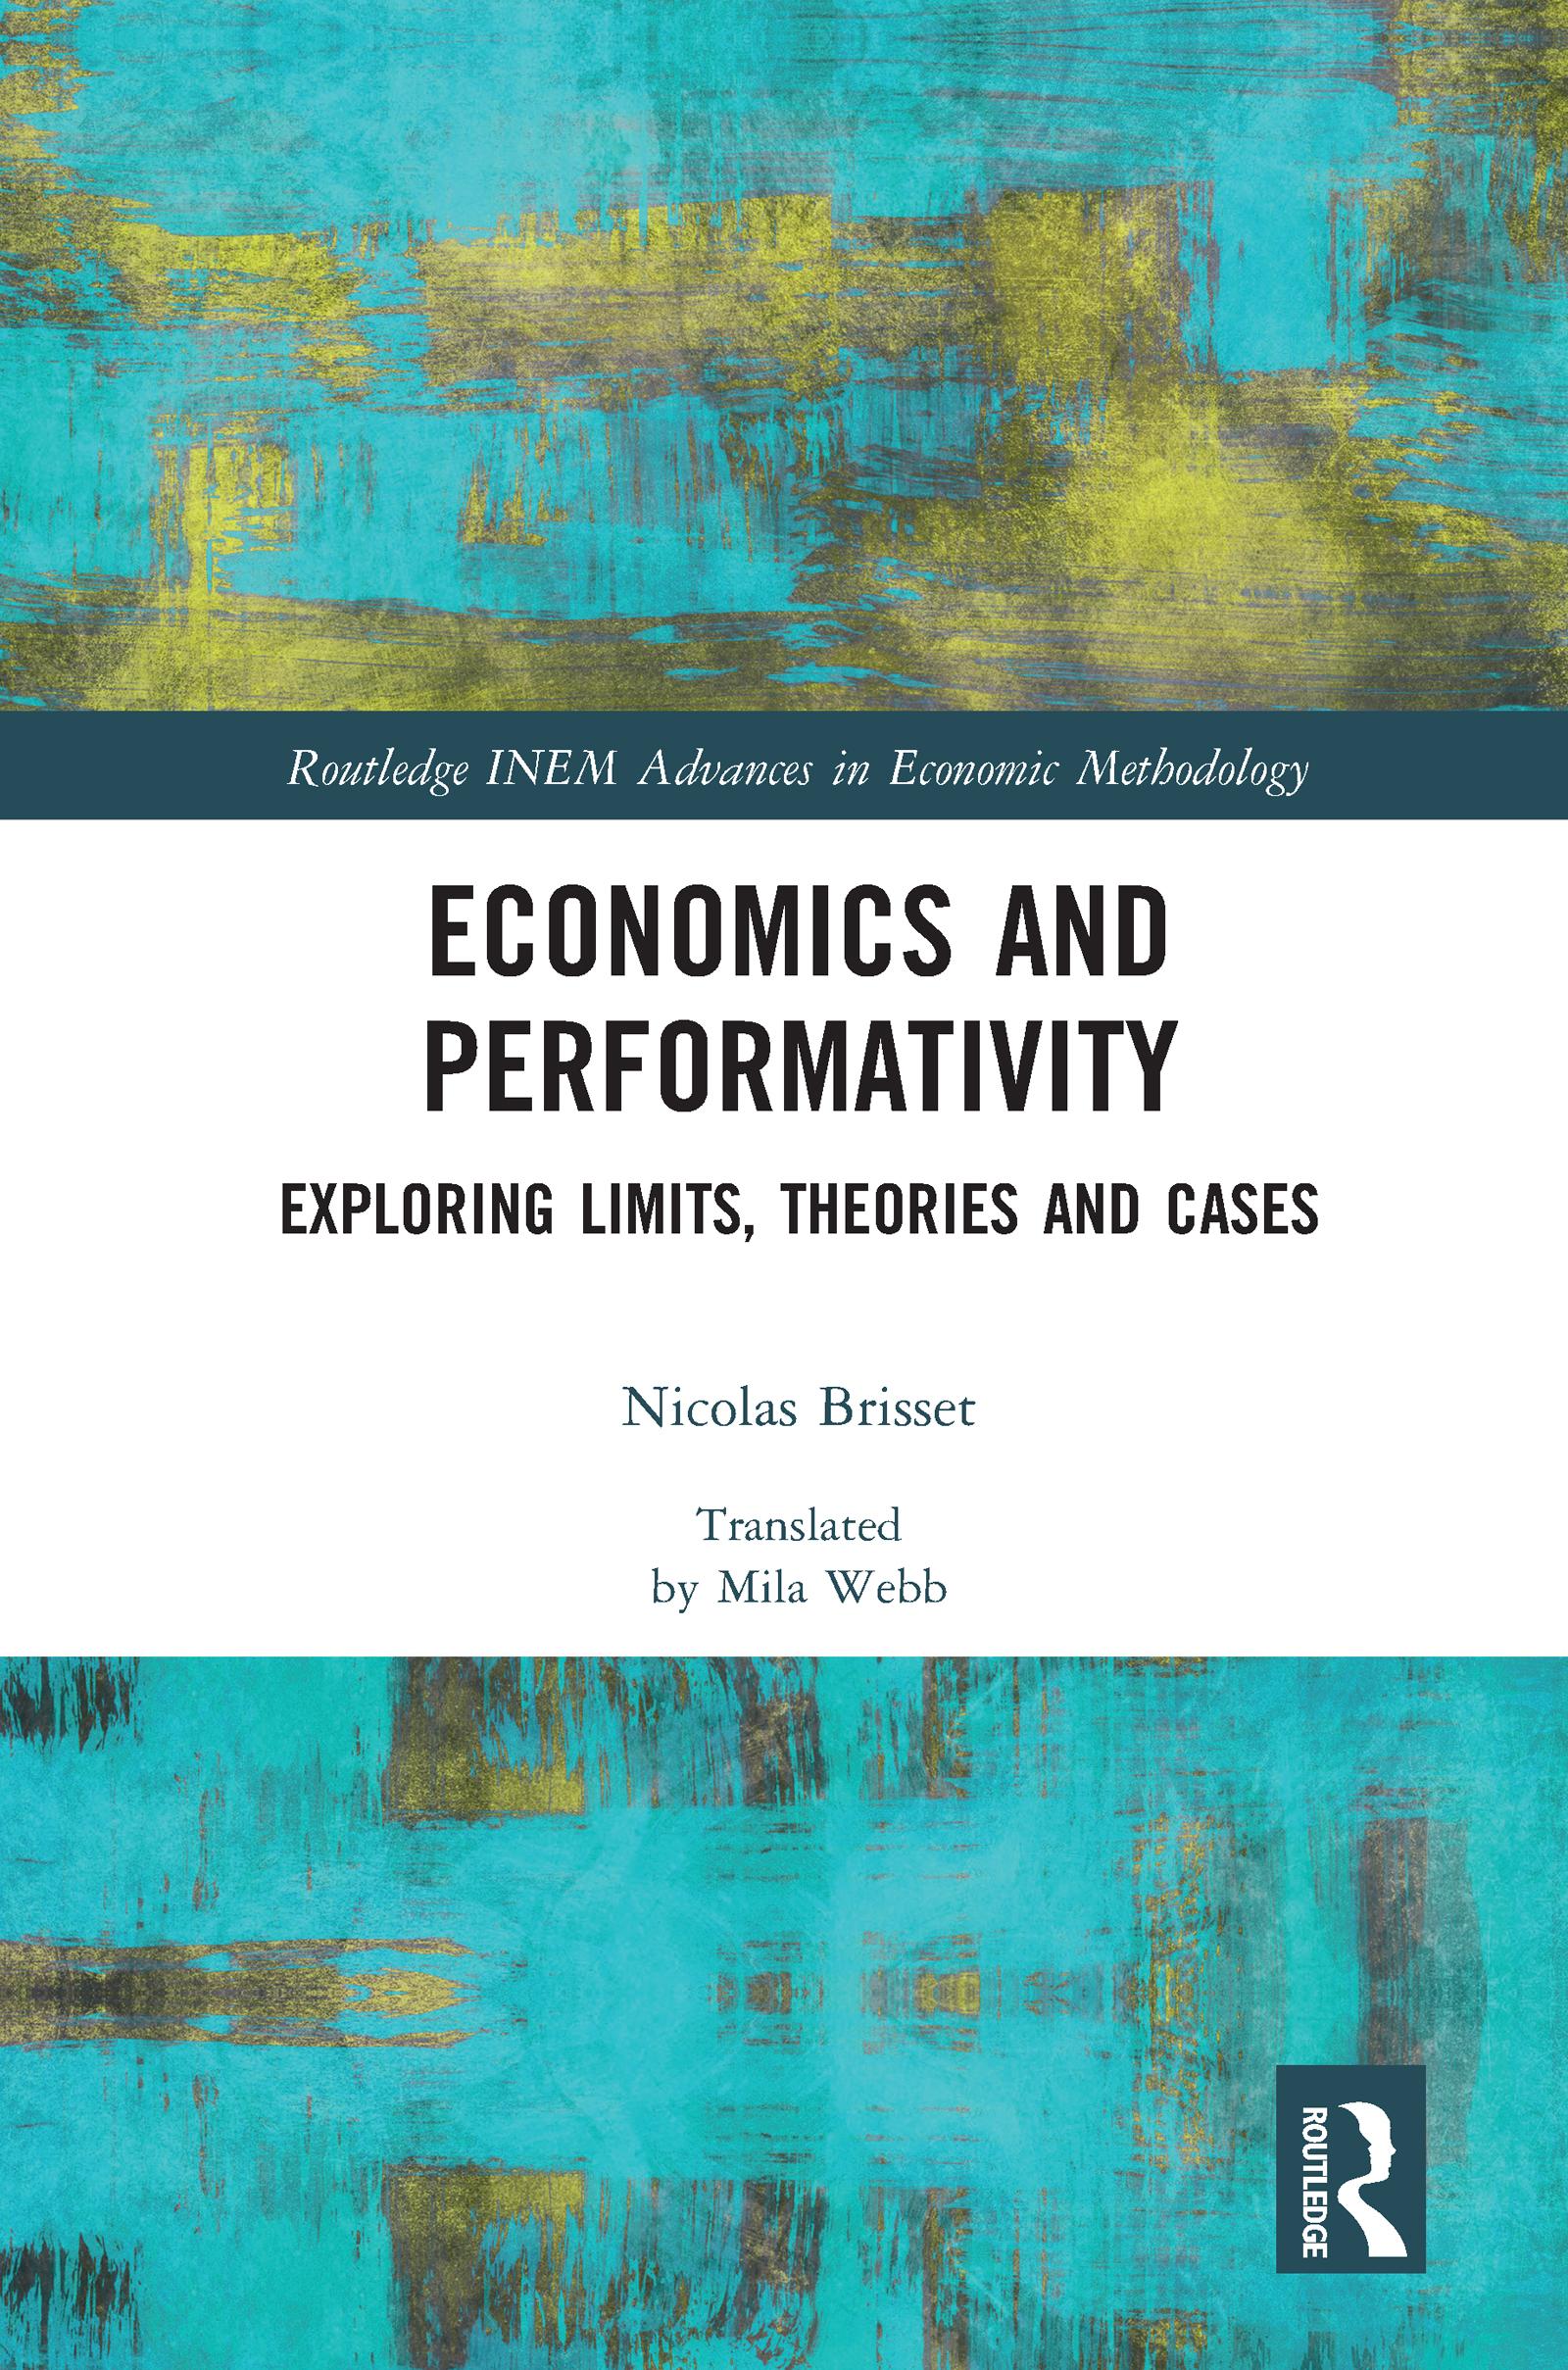 Economics and Performativity